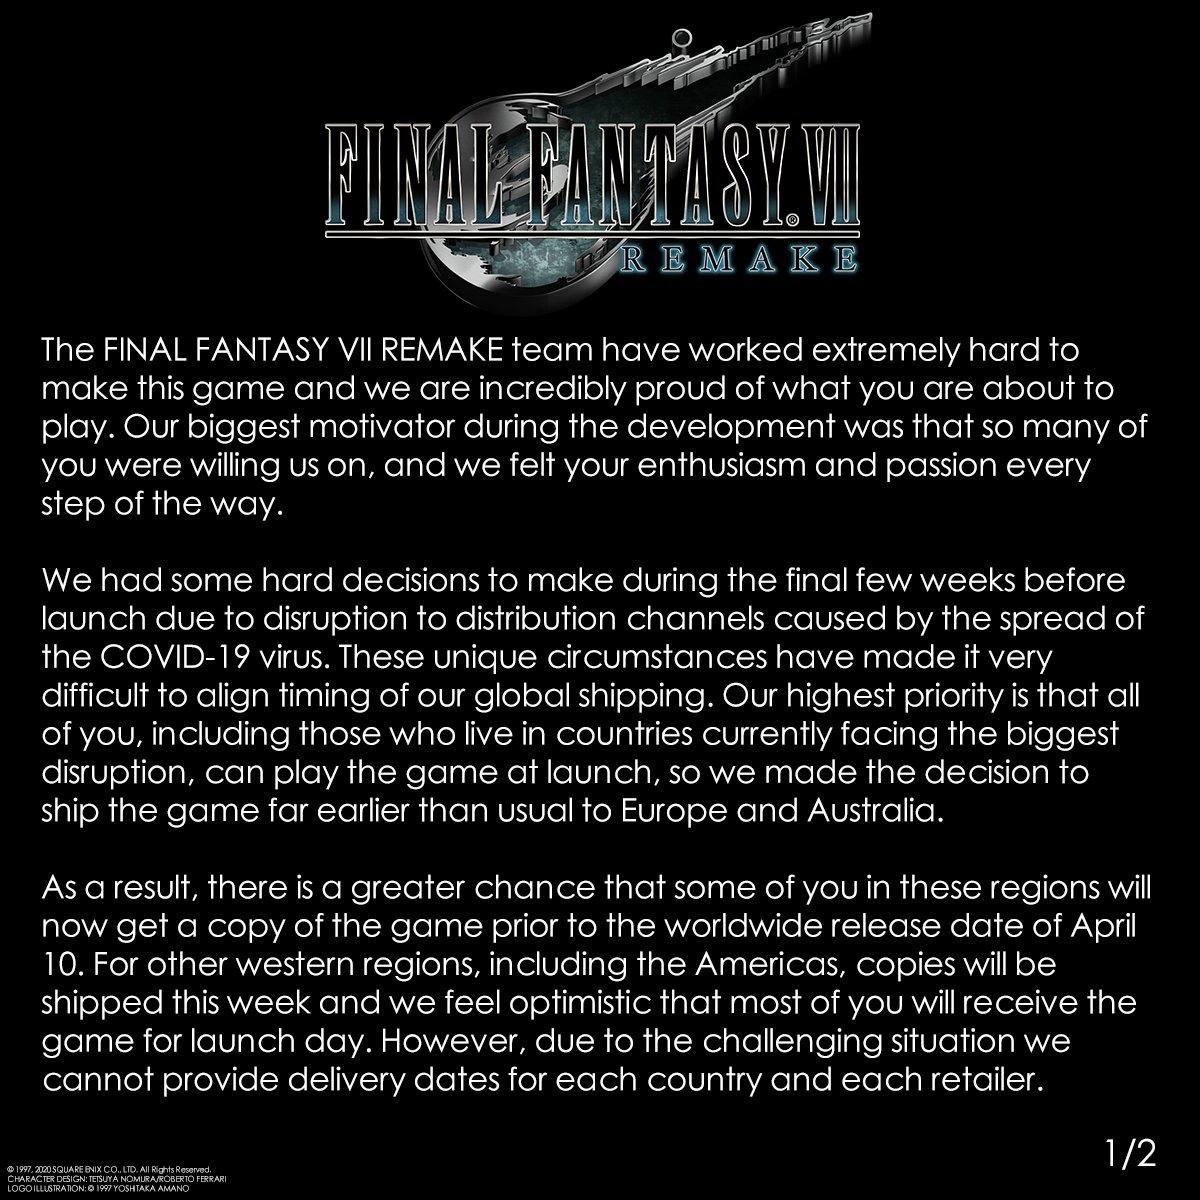 Final Fantasy VII Remake - Разработчики попросили игроков не спойлерить